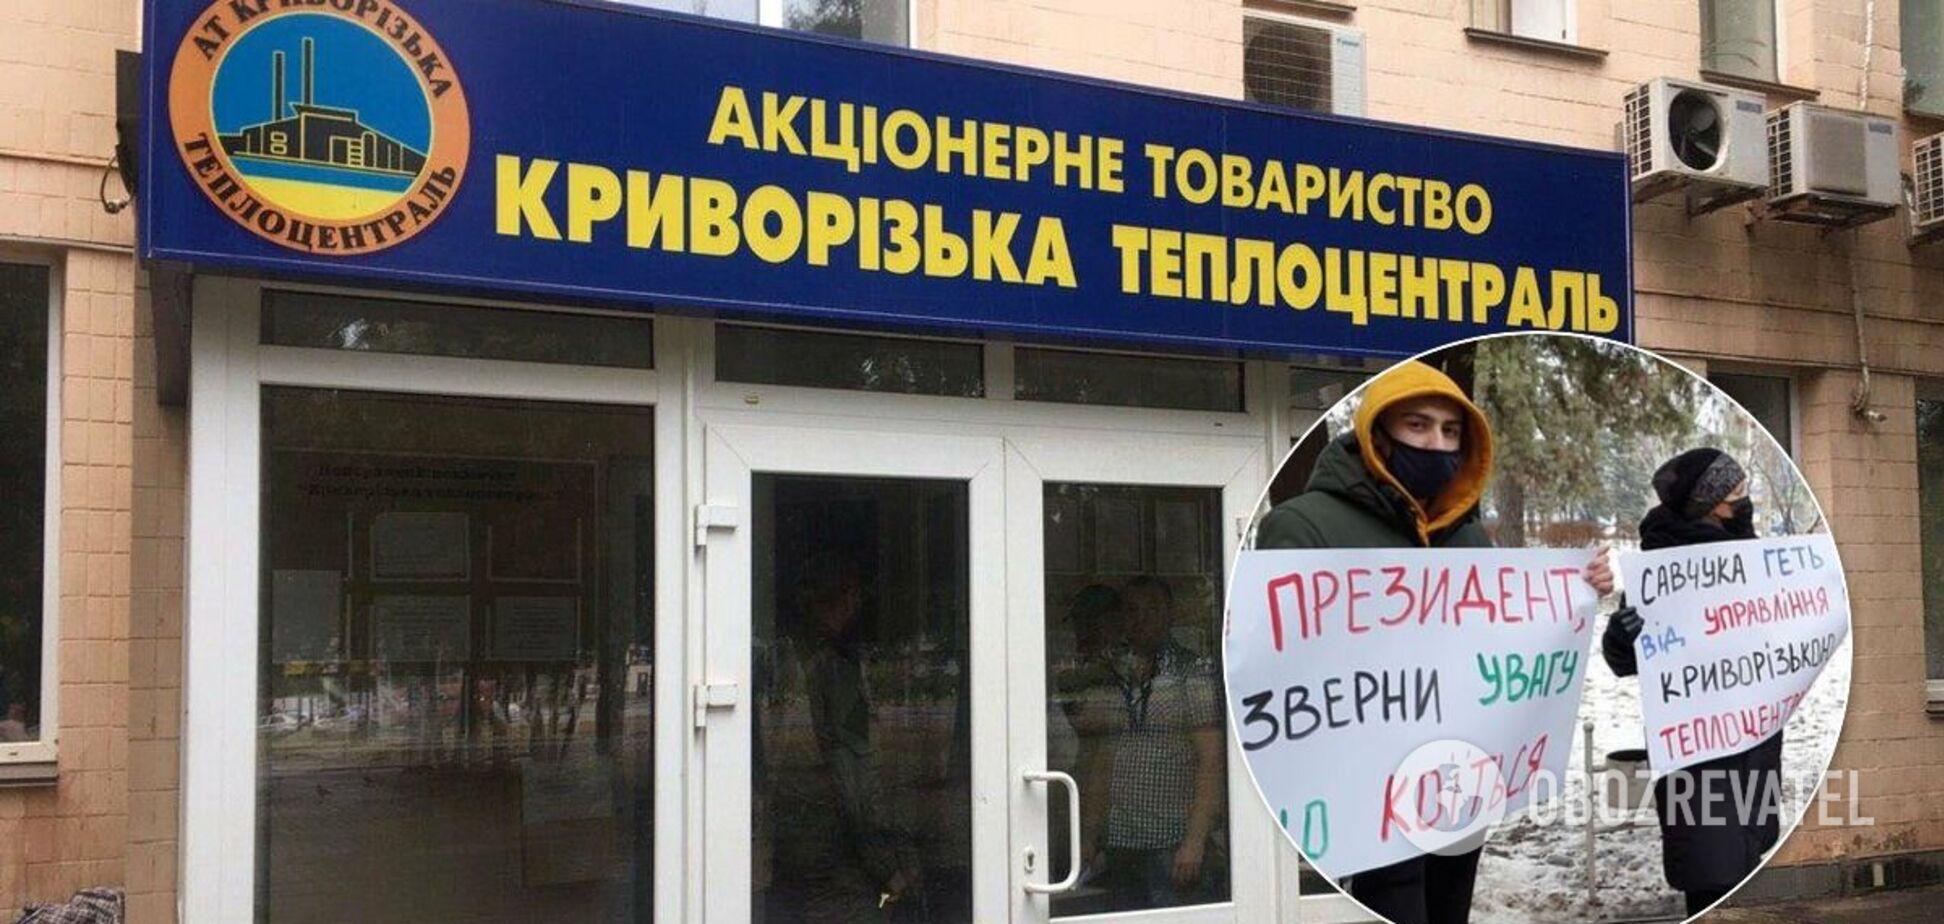 Українці влаштували протест під 'Криворізькою теплоцентраллю'